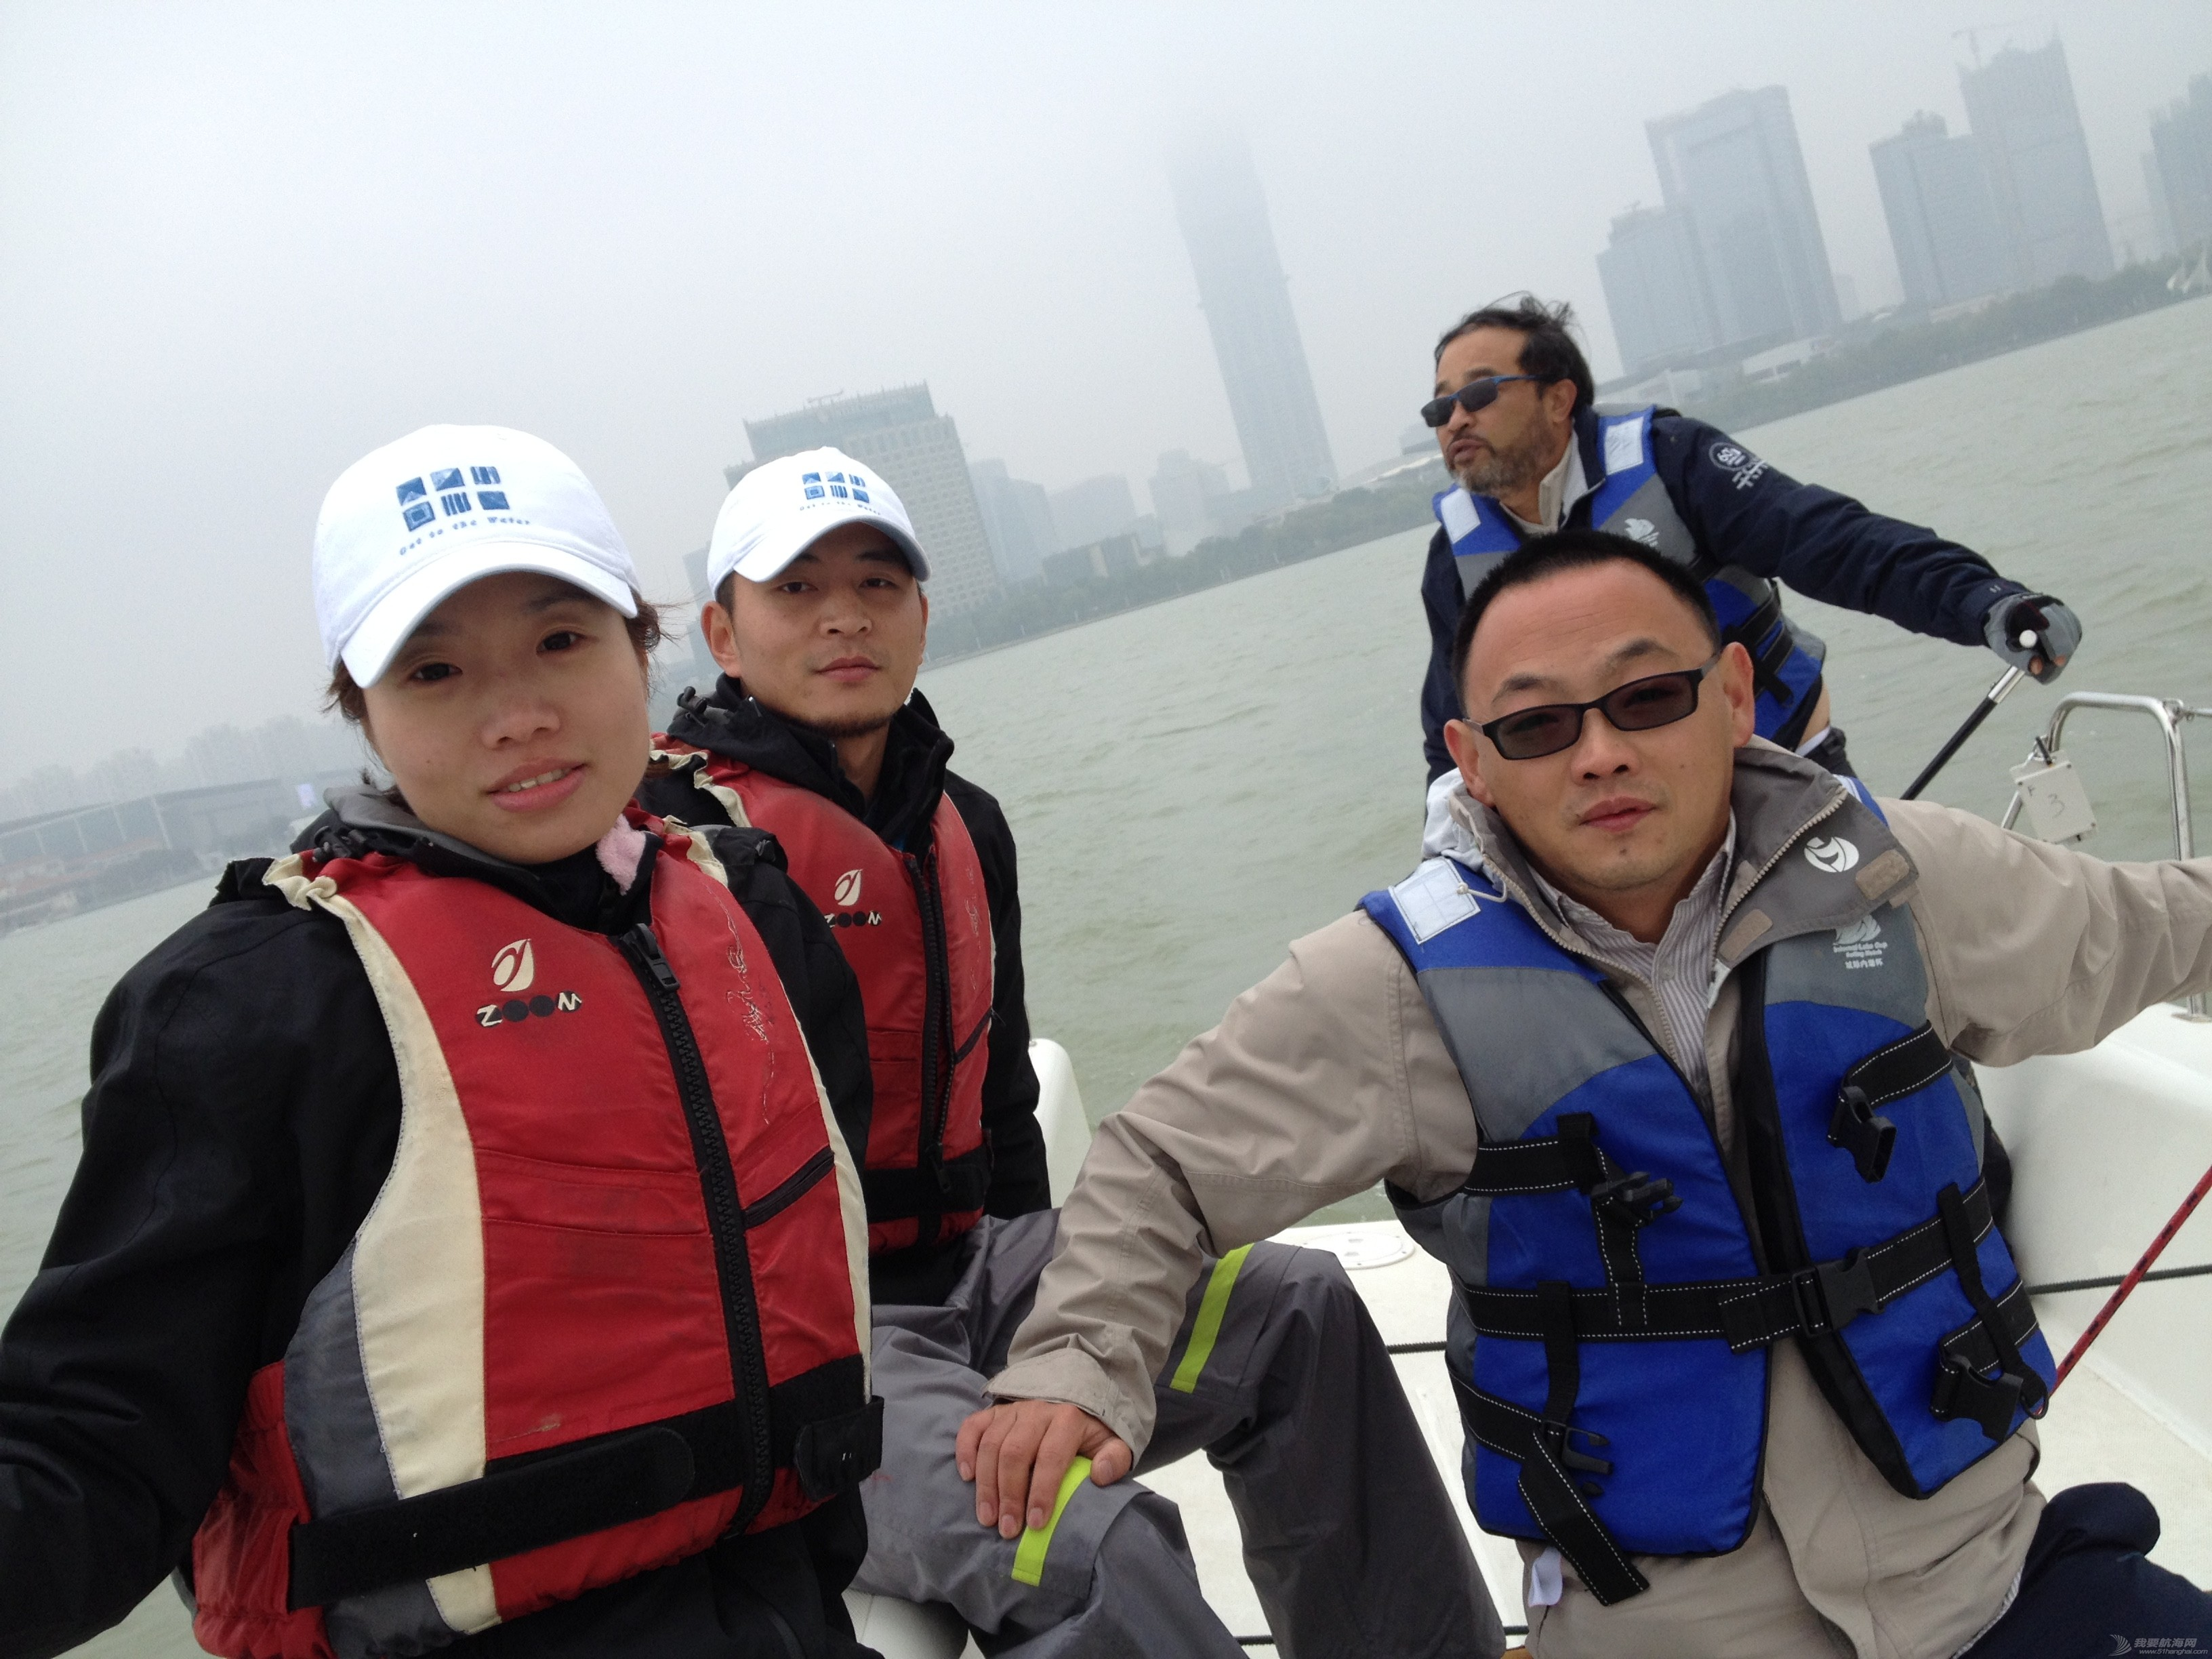 金鸡,苏州 苏州金鸡湖帆船赛-我的处女赛 IMG_2941.JPG